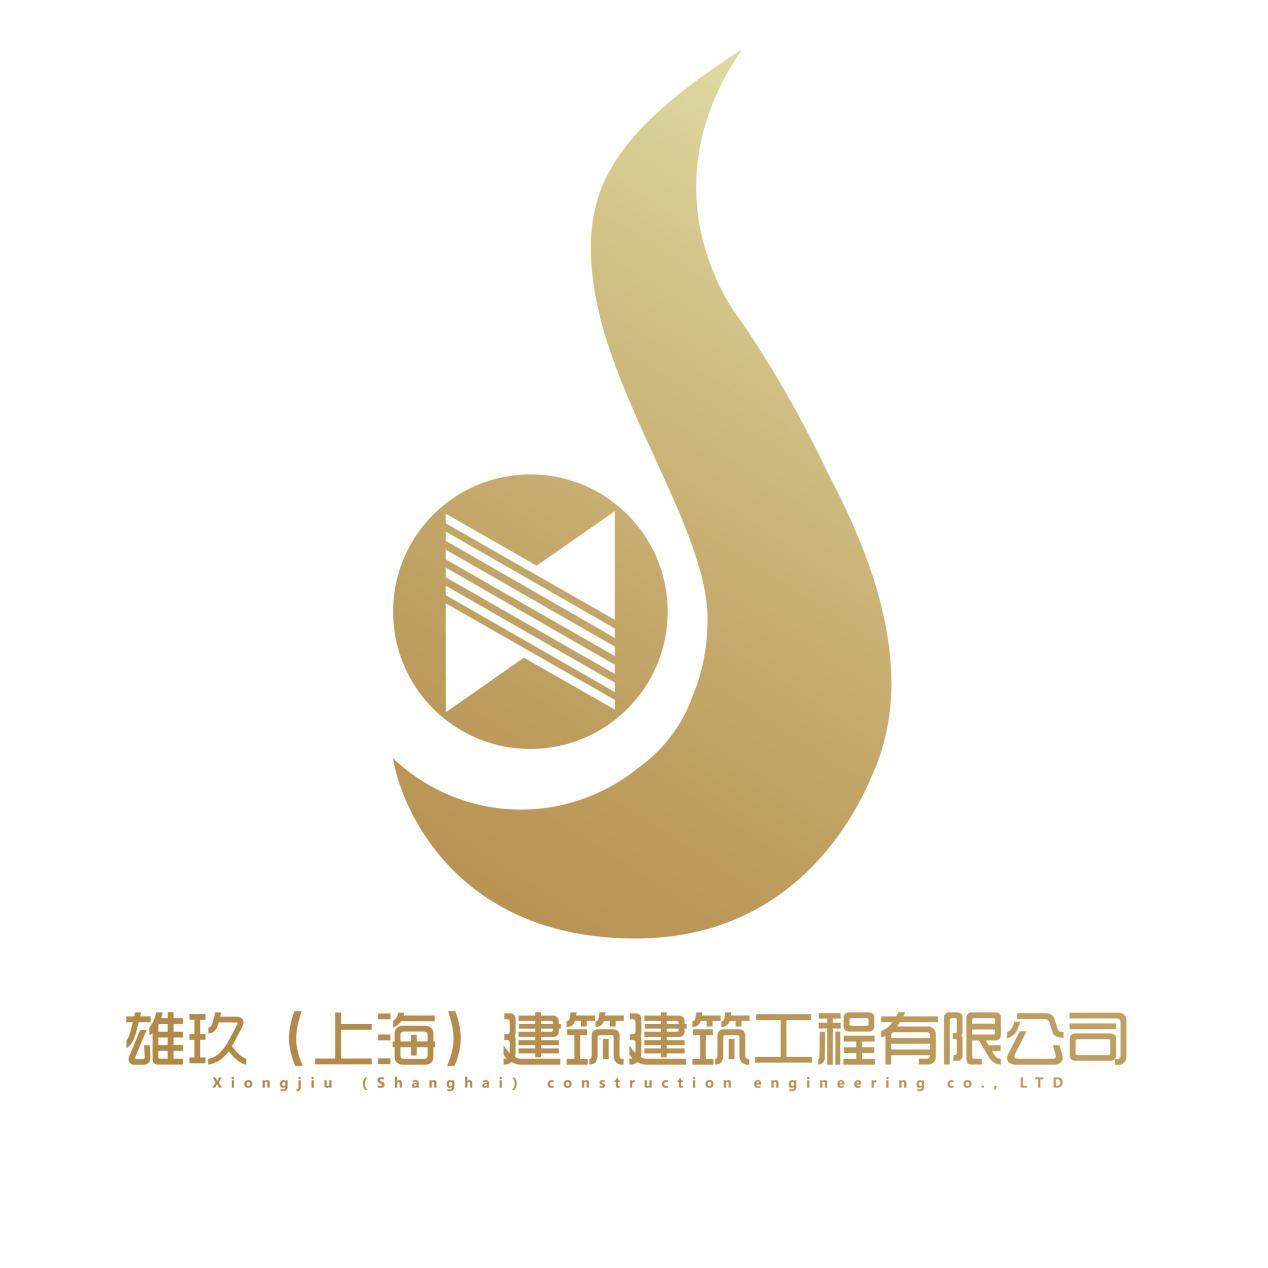 建筑企业资质加盟品牌佼佼者——雄玖及旗下5家公司解读